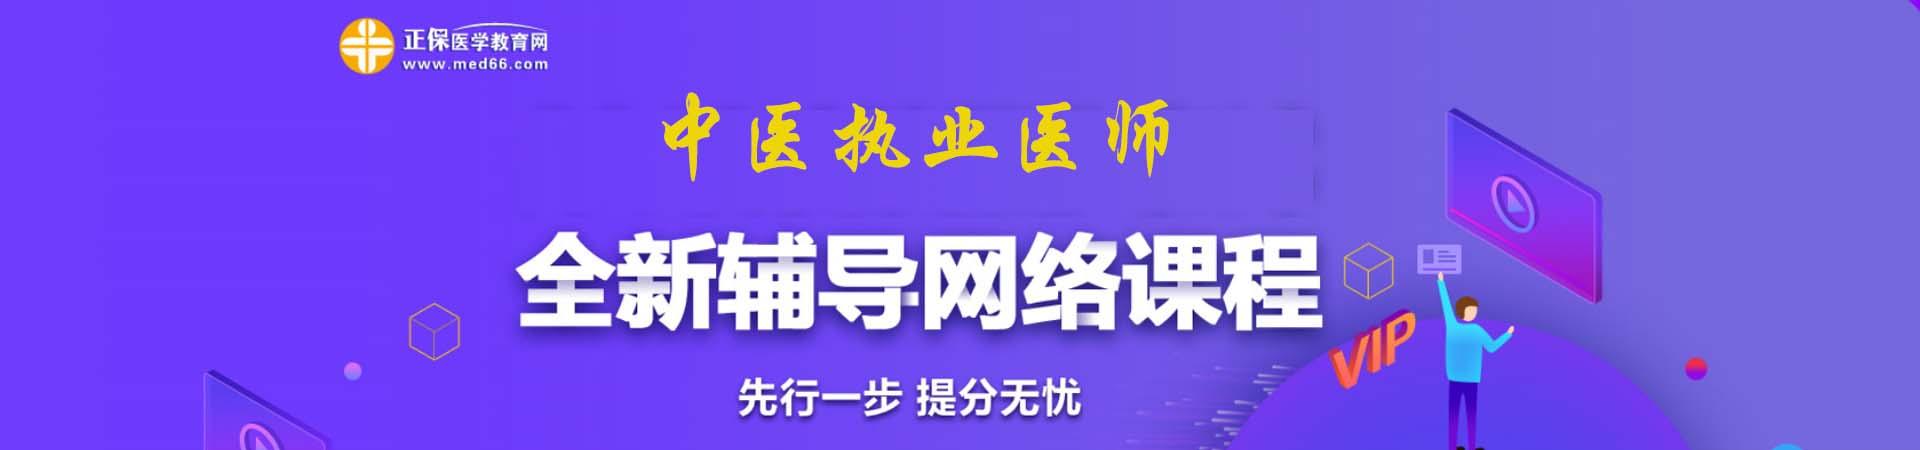 中医执业医师资格考试培训